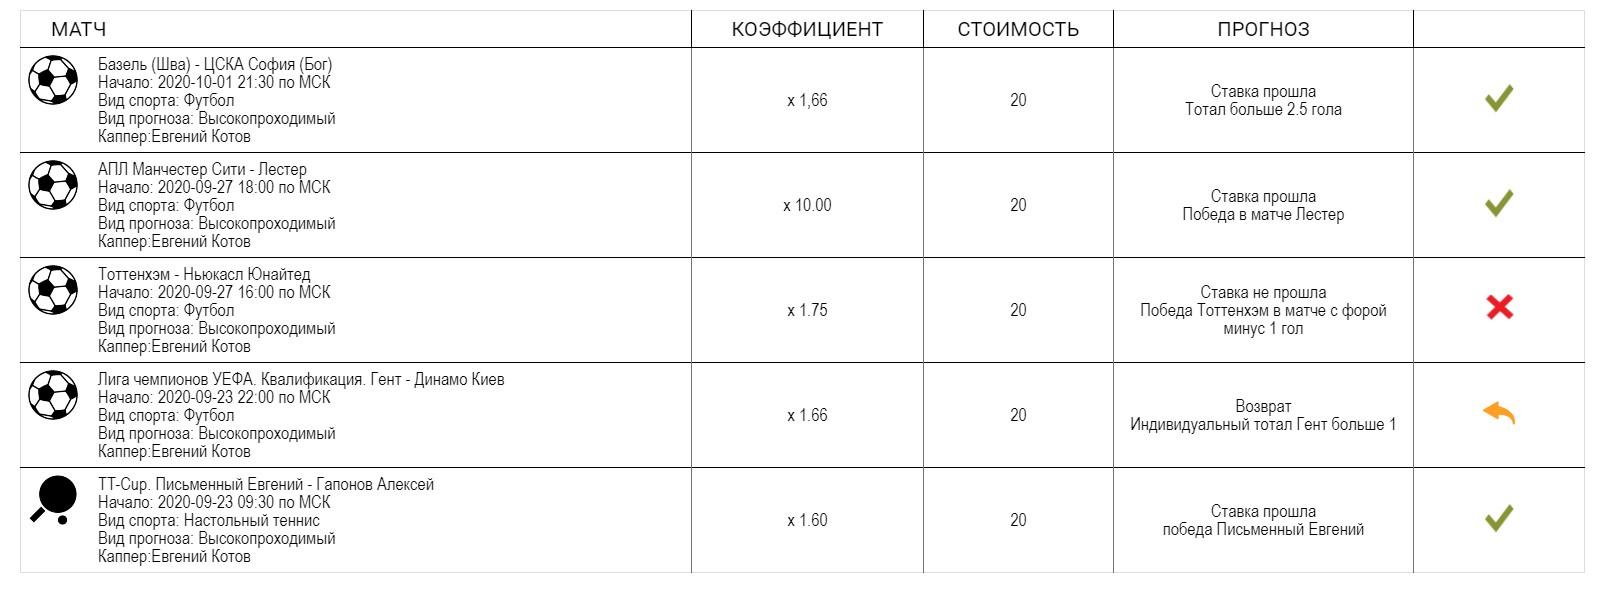 Каппер Евгений Котов статистику ведет только на официальном сайте